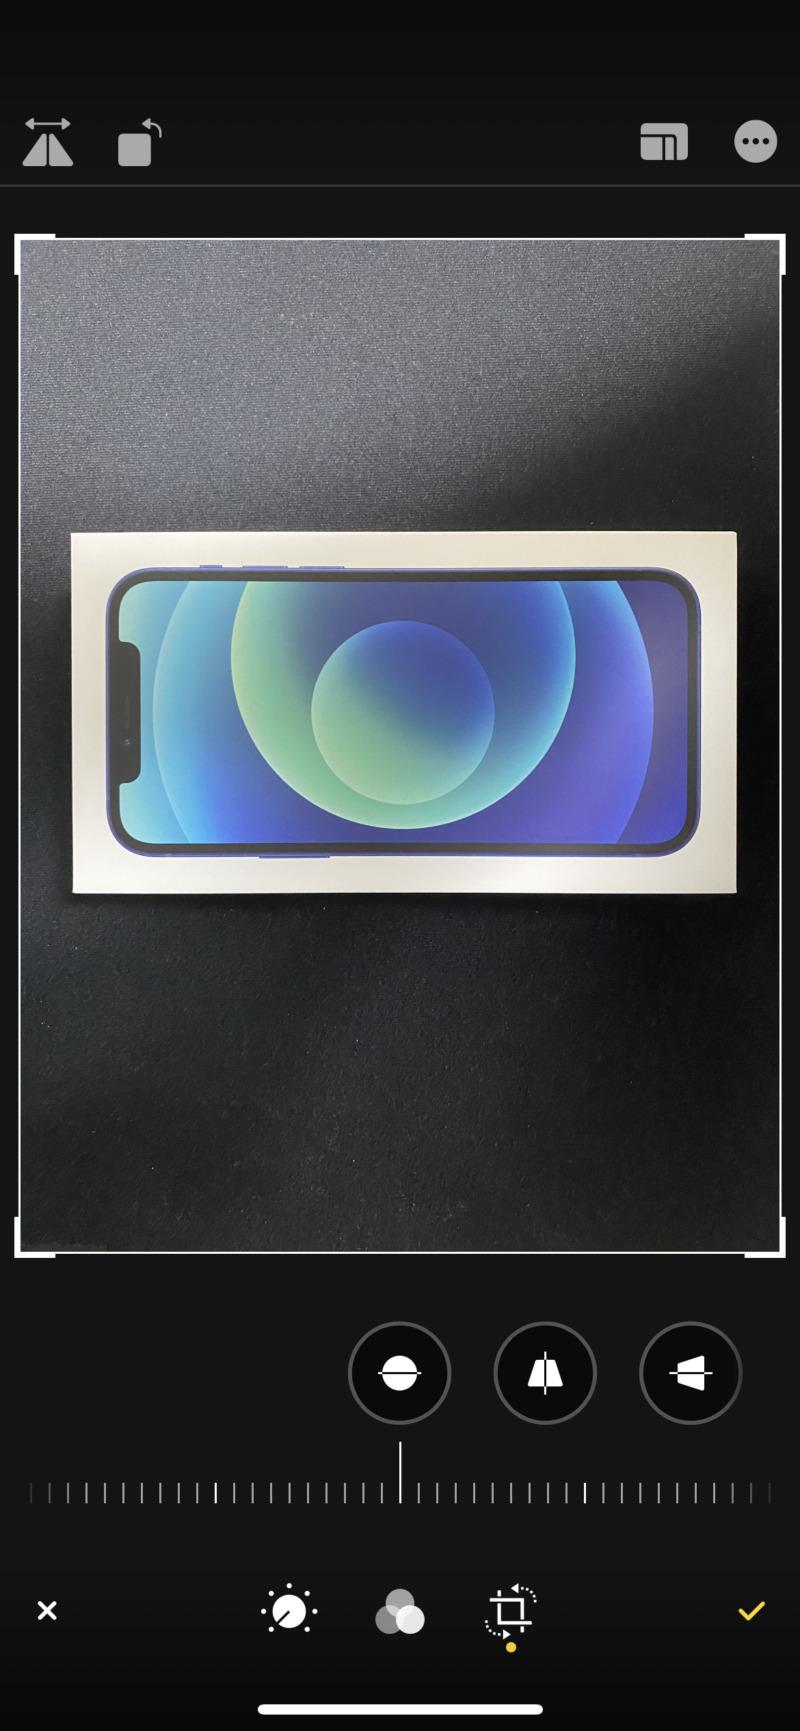 iPhoneの写真アプリで画像を左右反転2